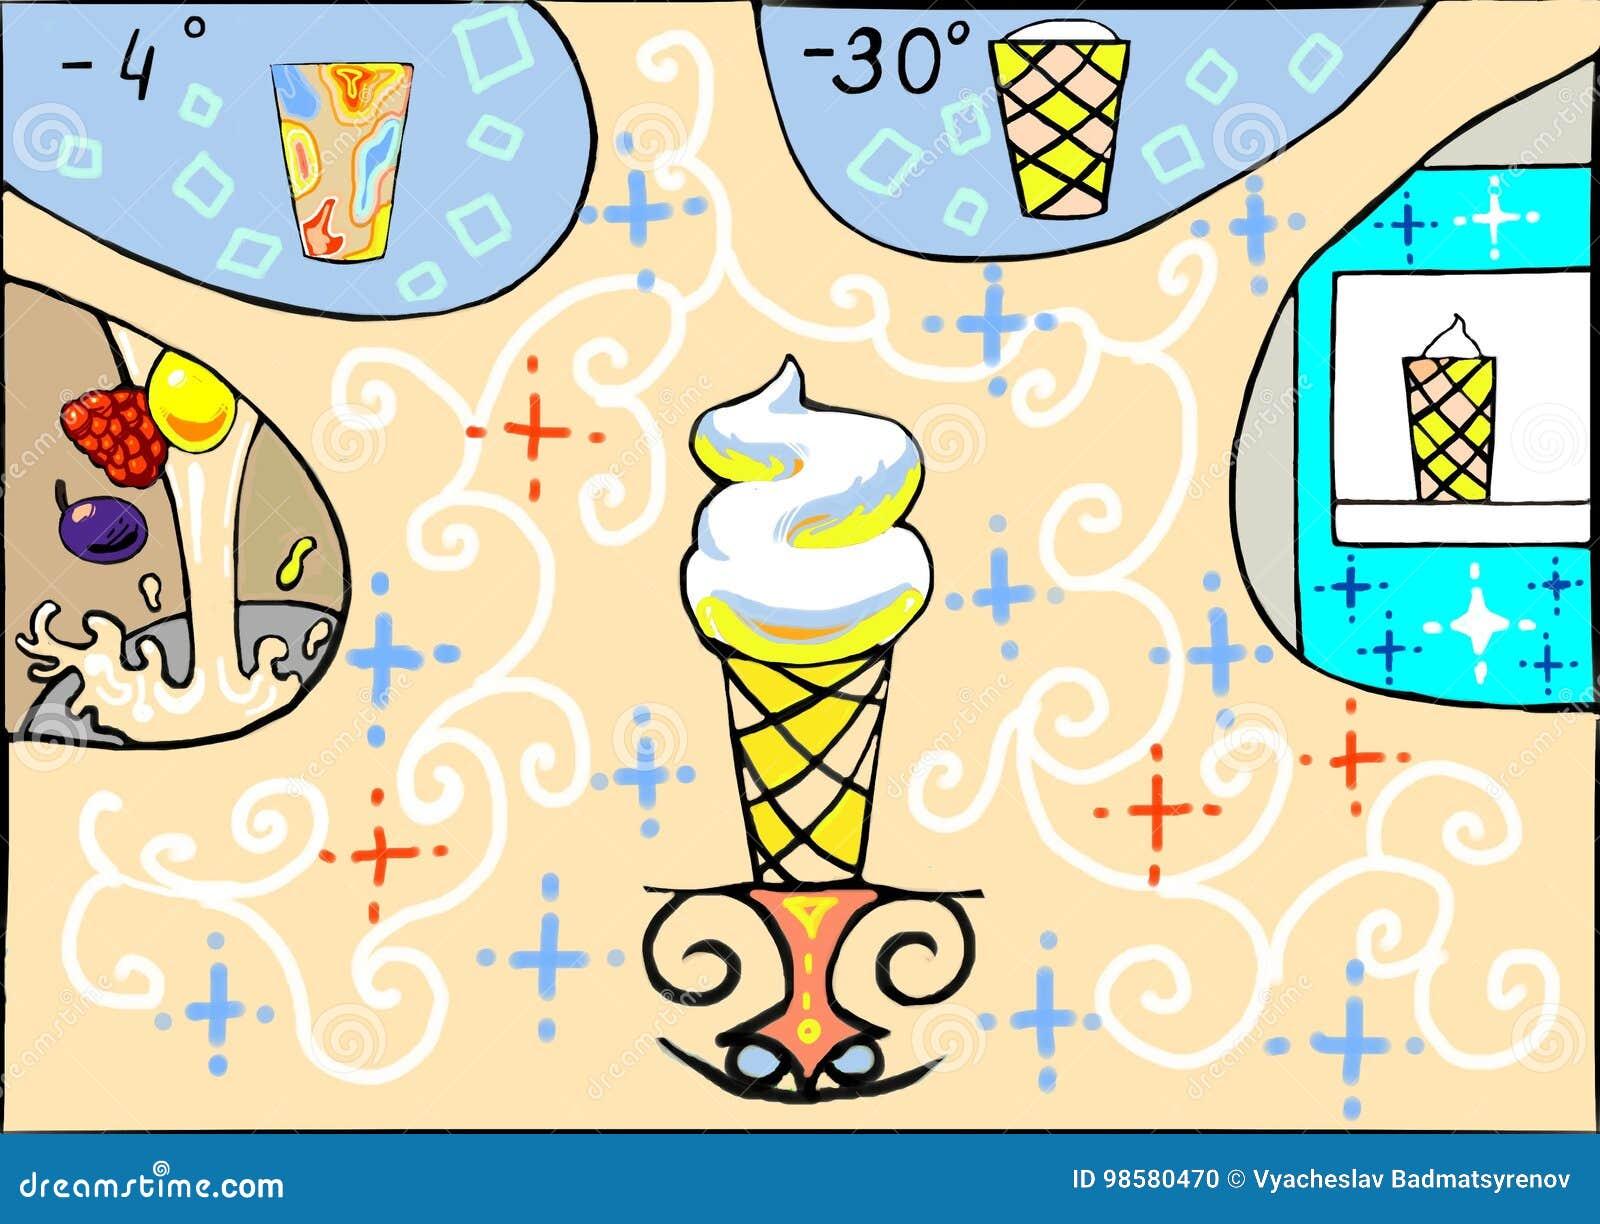 An ice-cream process